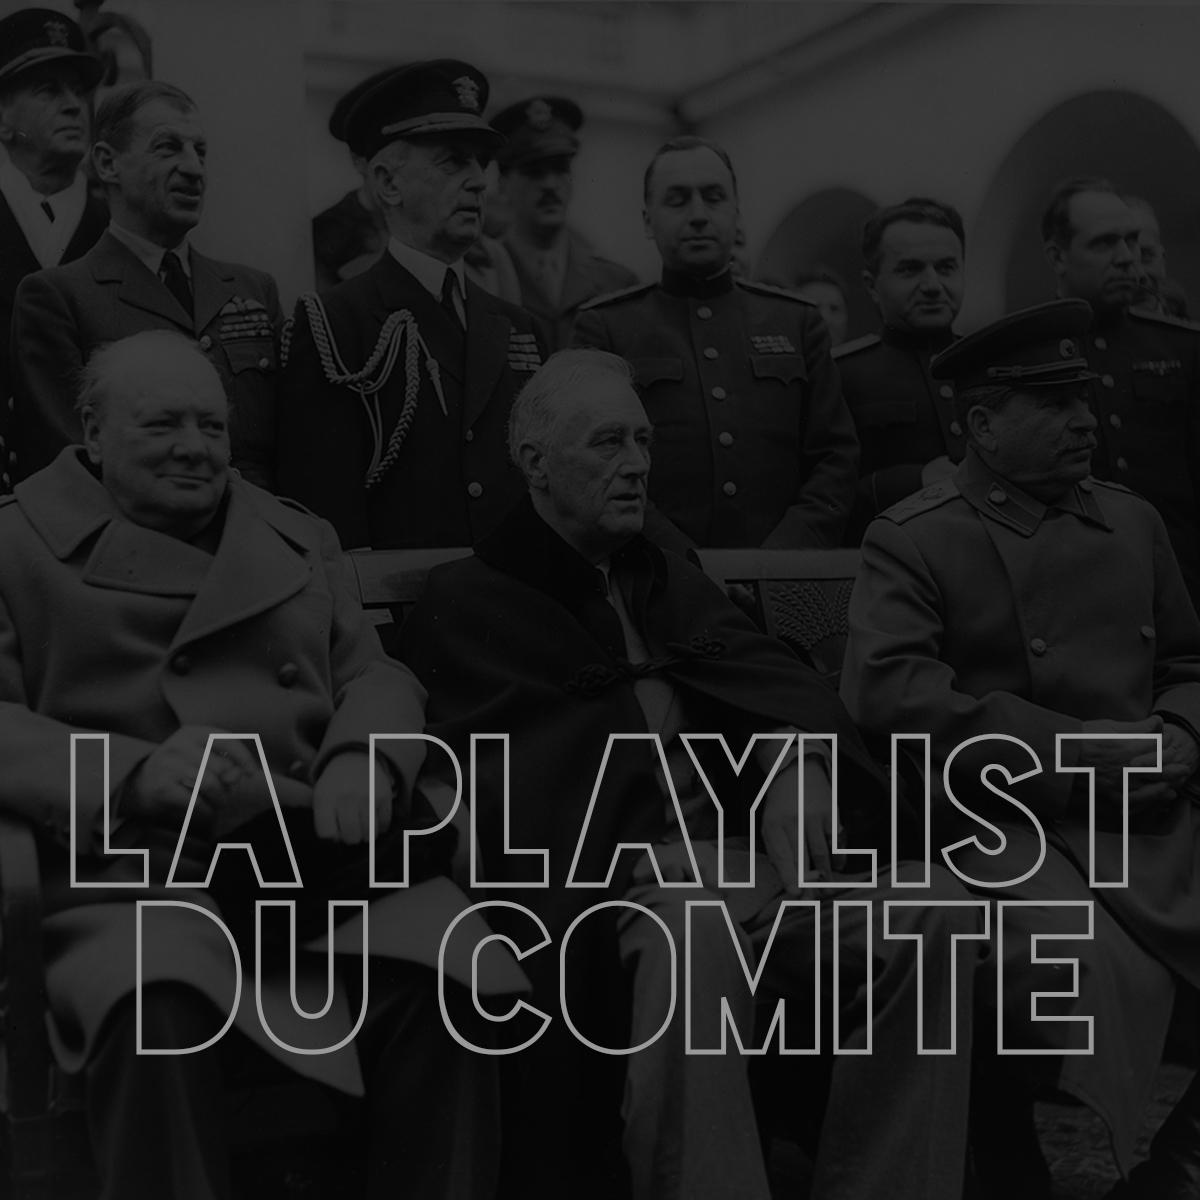 Playlist du Comité